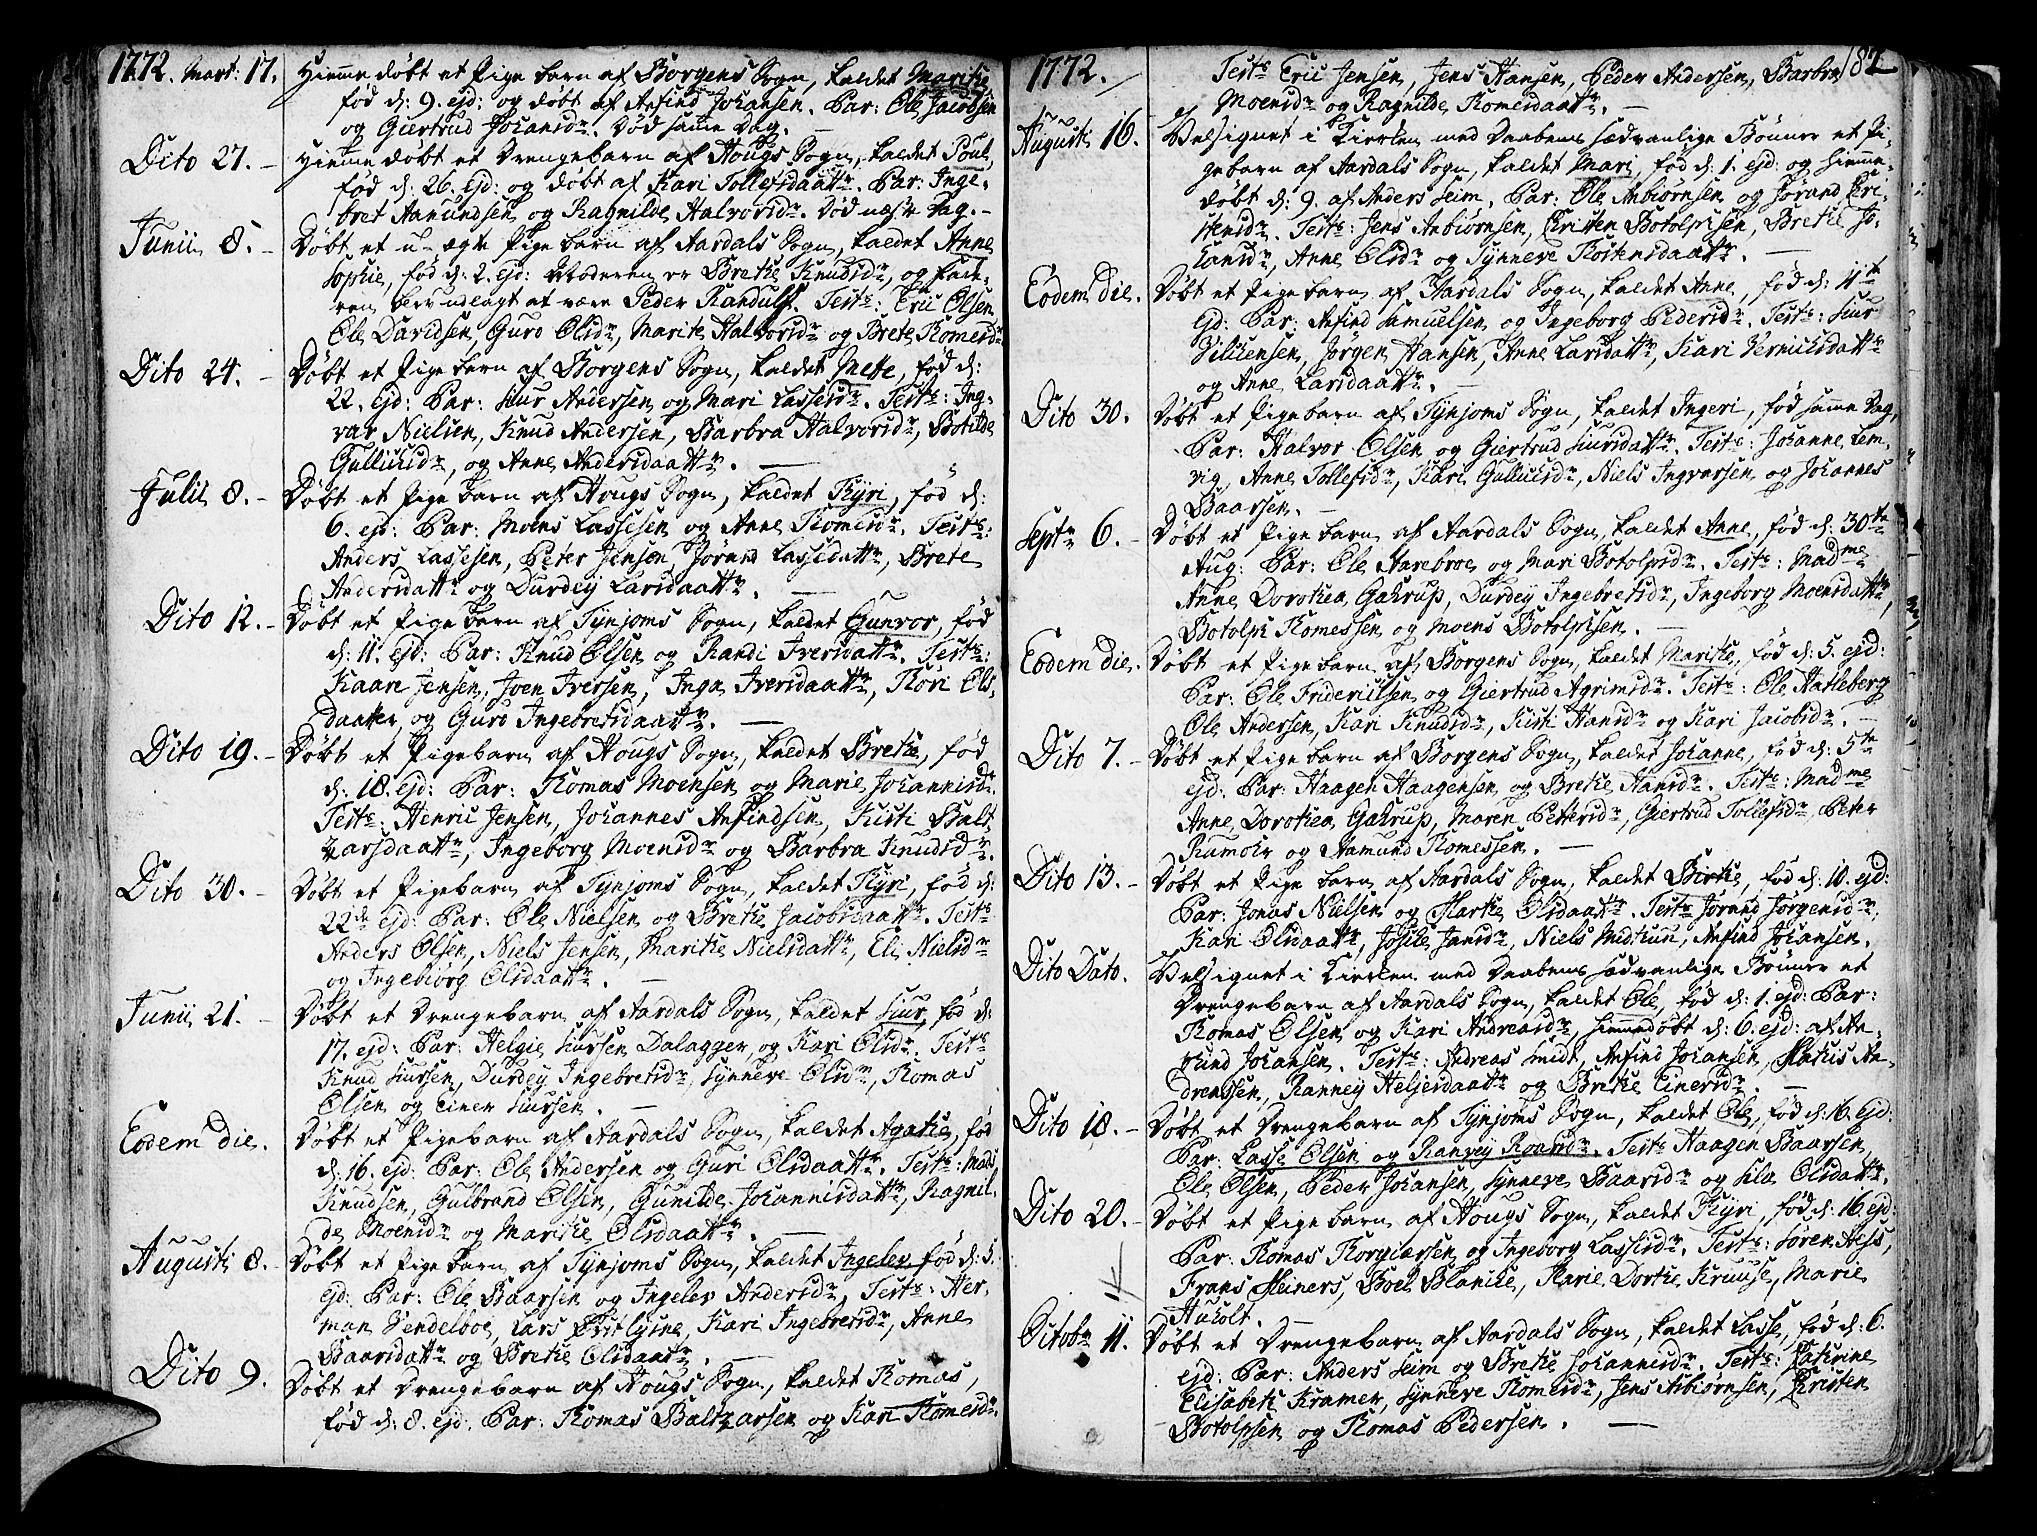 SAB, Lærdal sokneprestembete, Ministerialbok nr. A 2, 1752-1782, s. 182